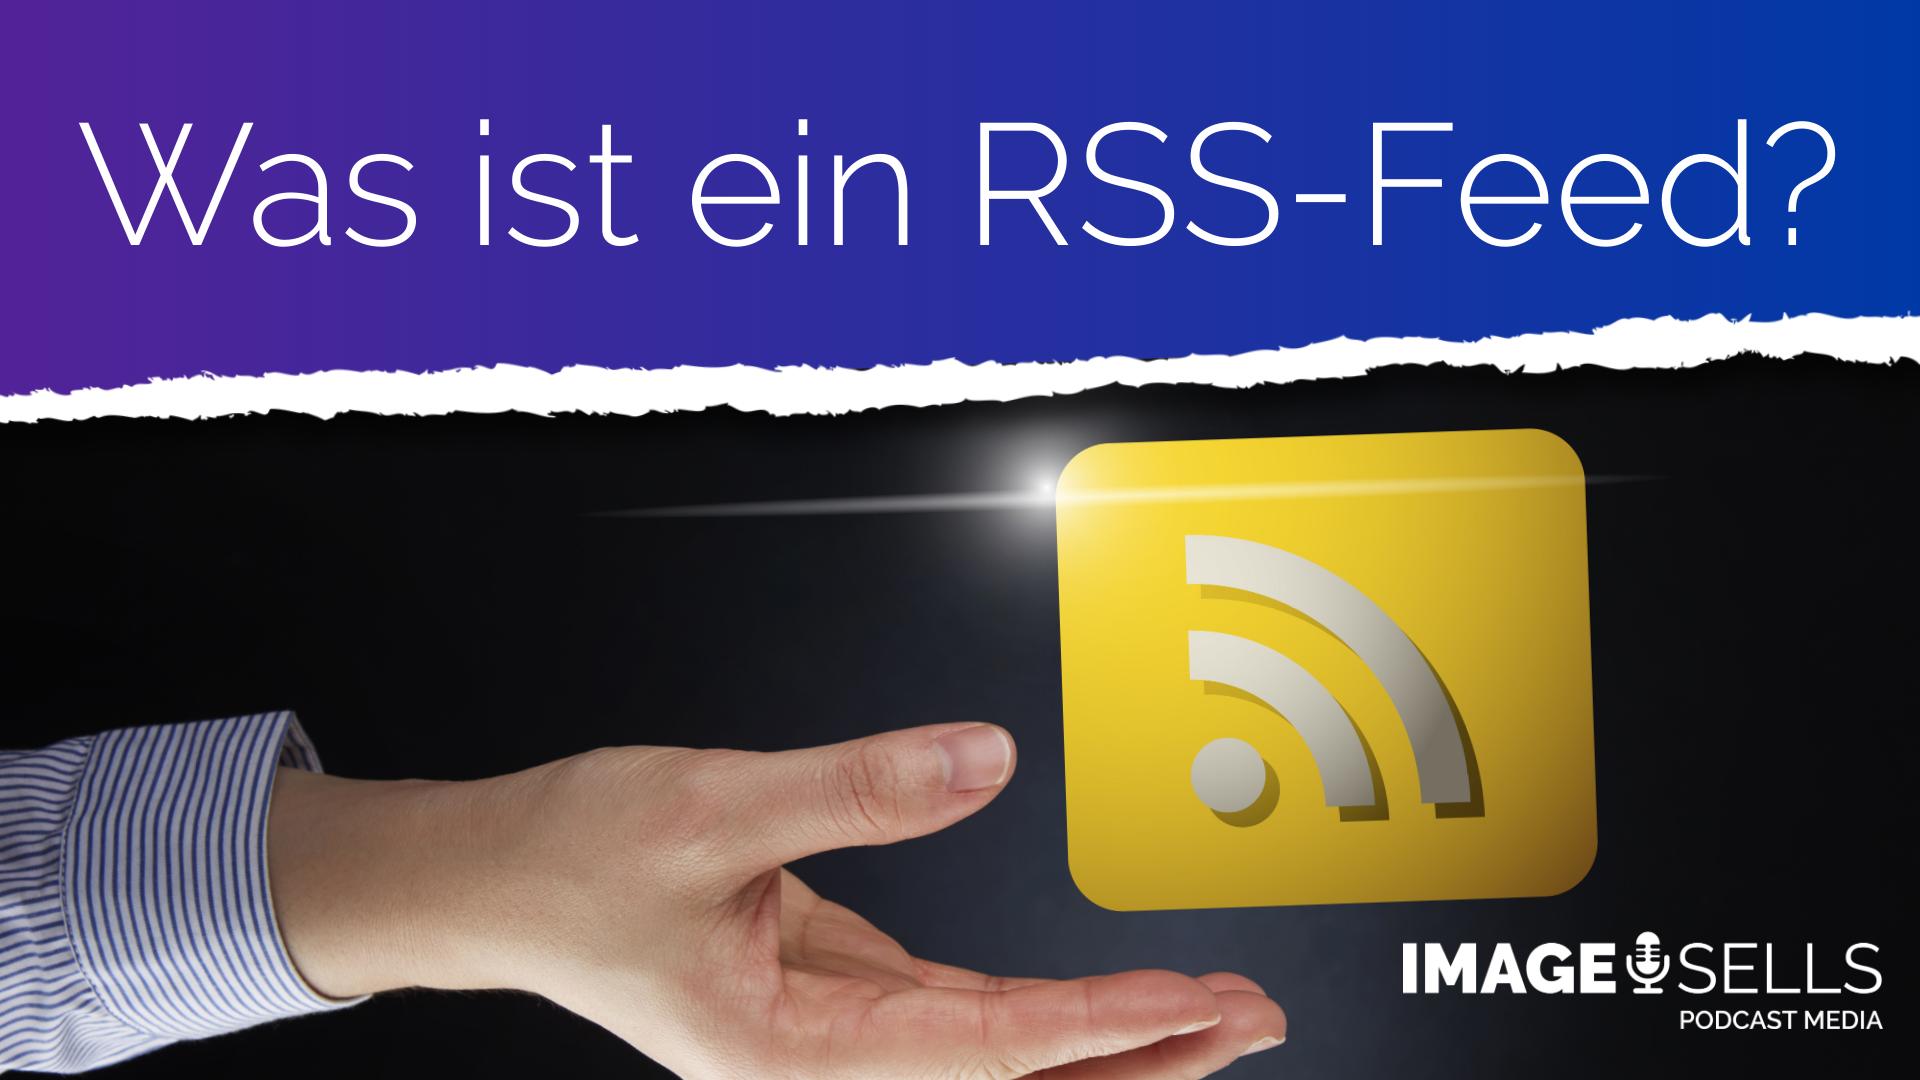 Was ist ein RSS-Feed